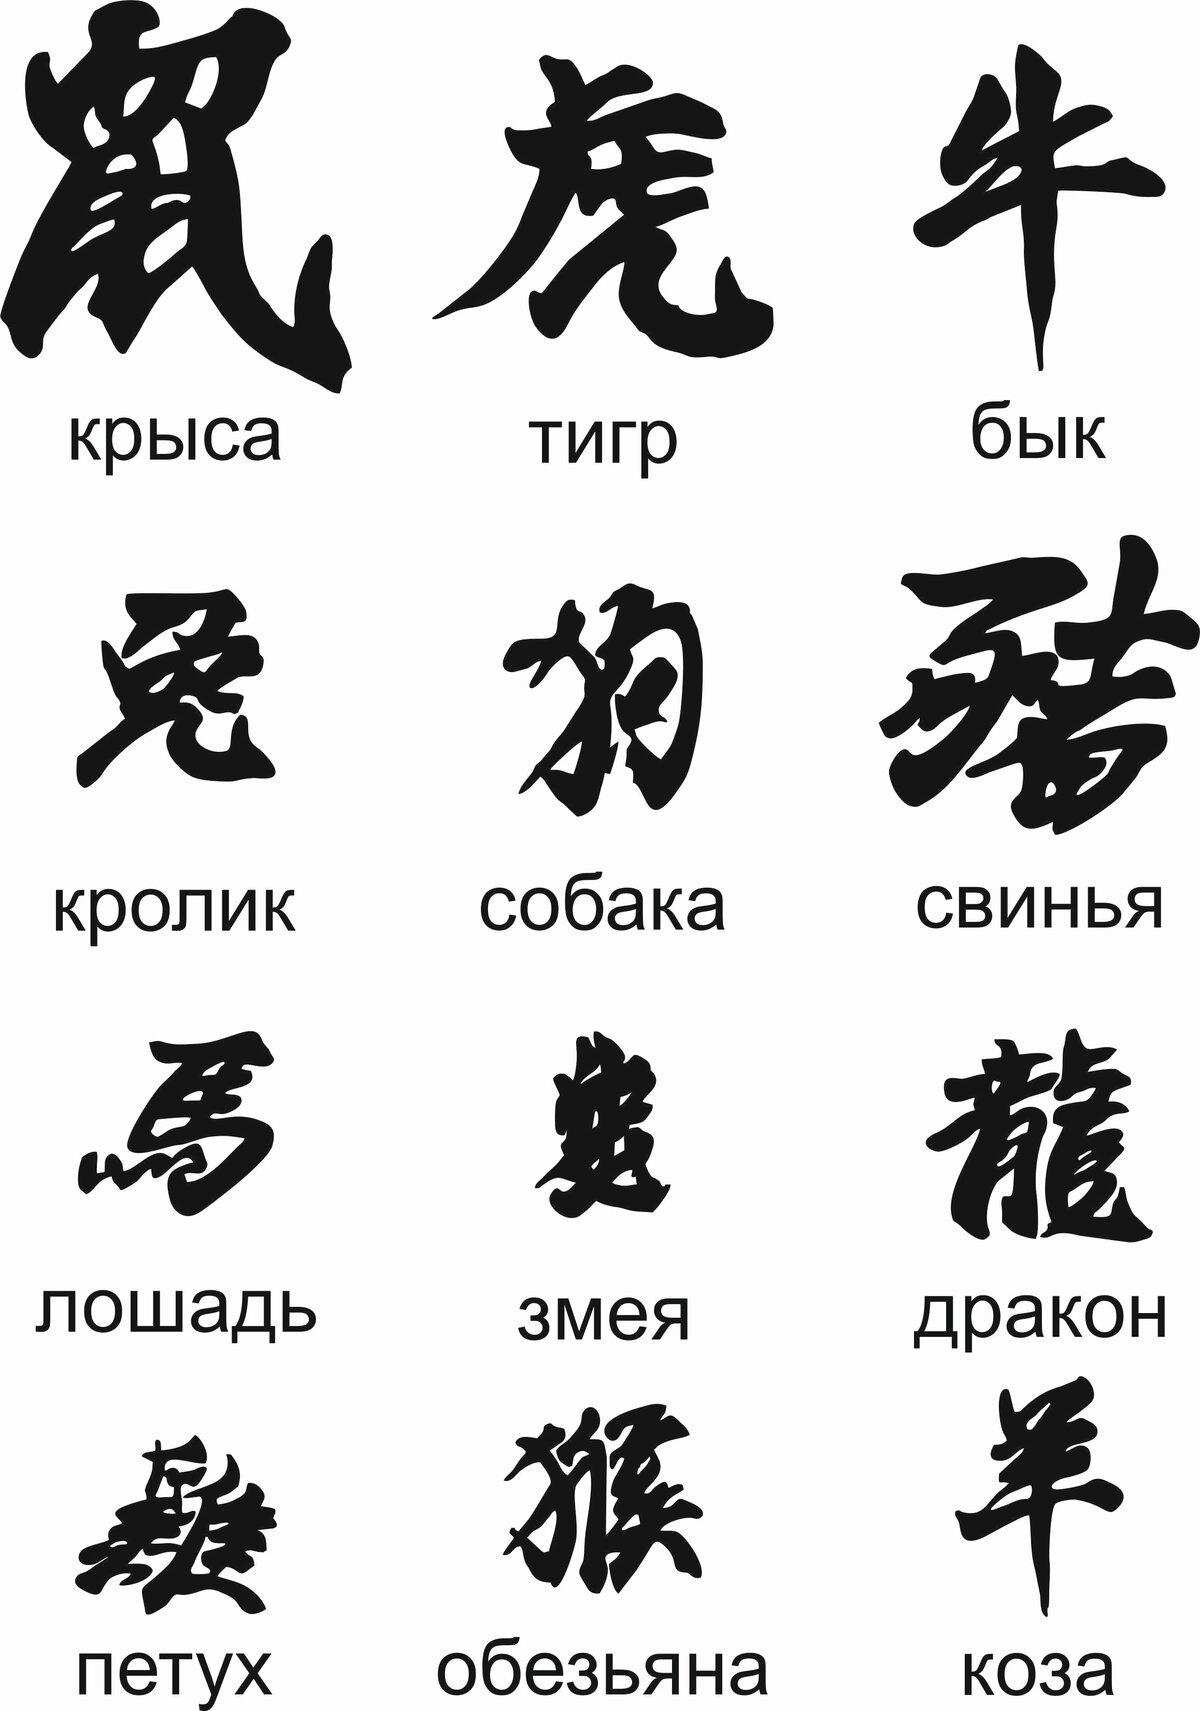 Иероглифы со значениями картинка